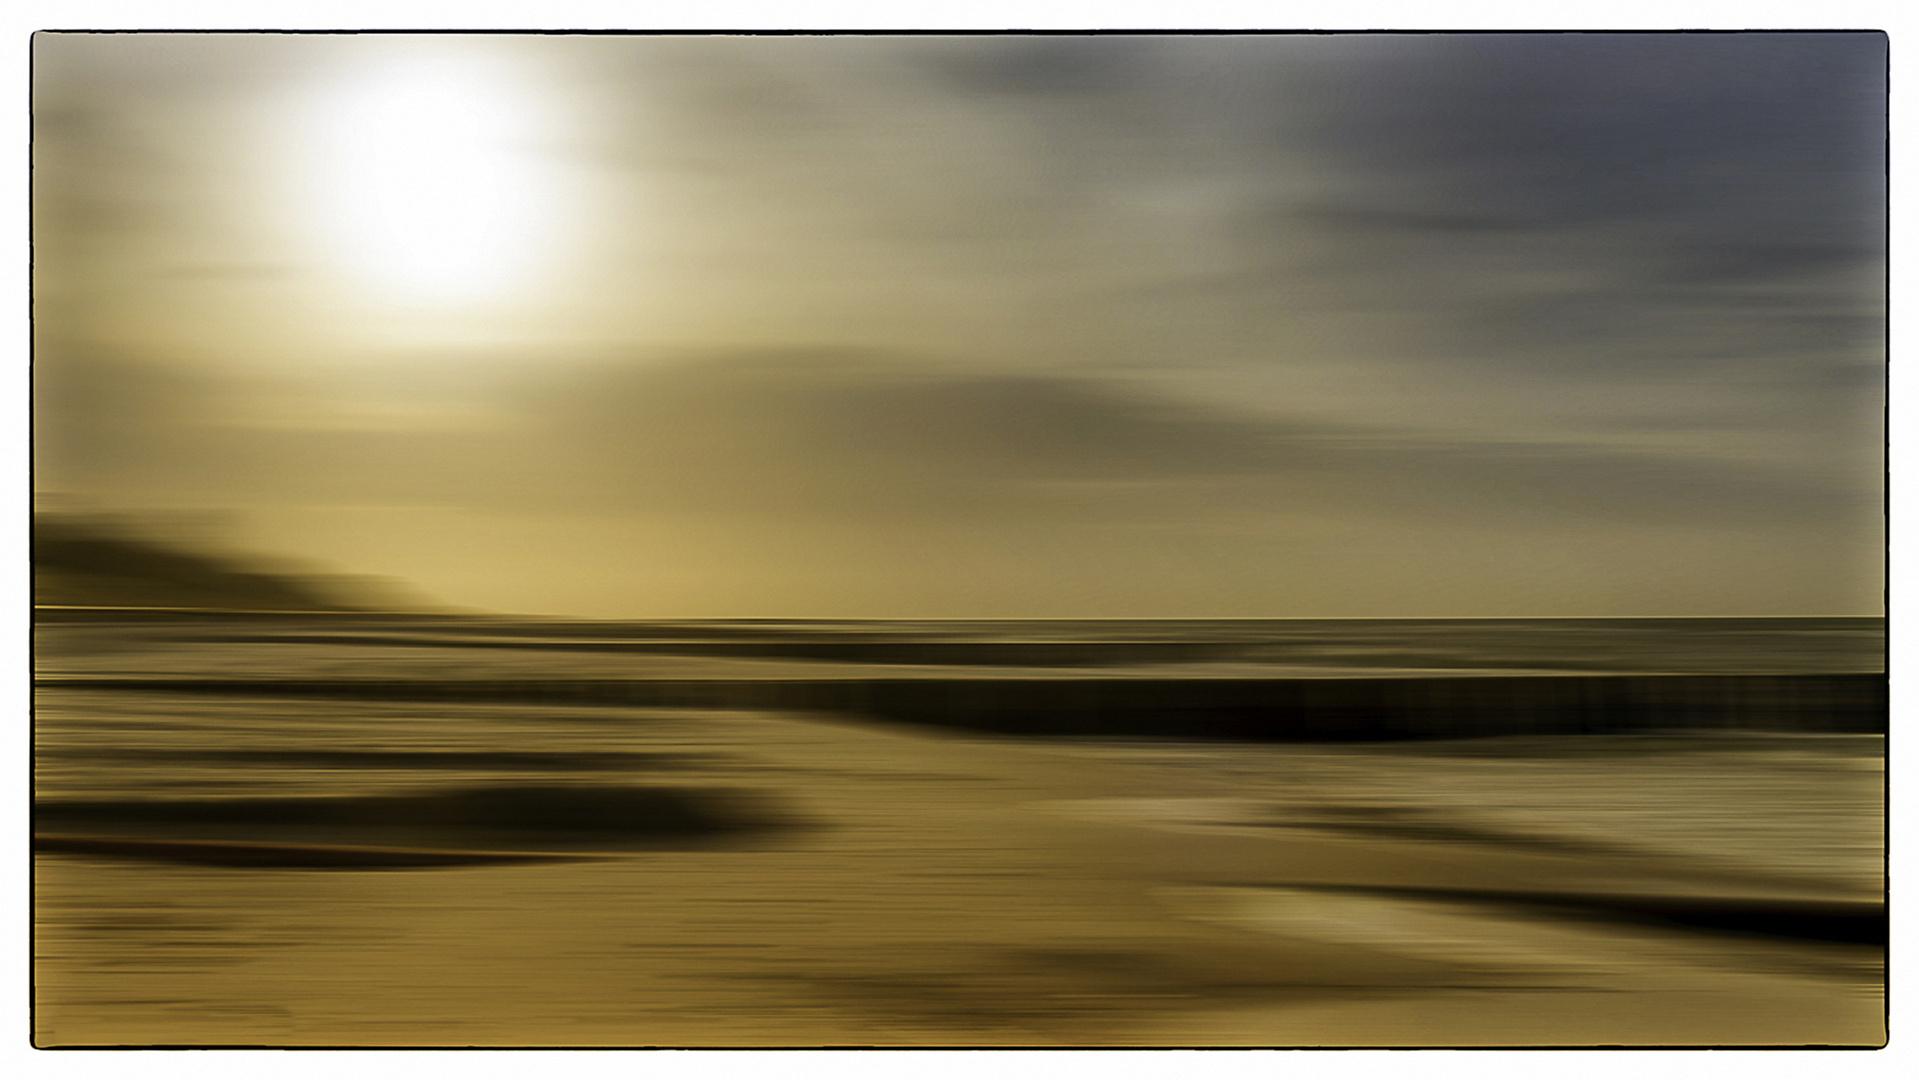 ... nach dem Sandsturm in Ahrenshoop ...